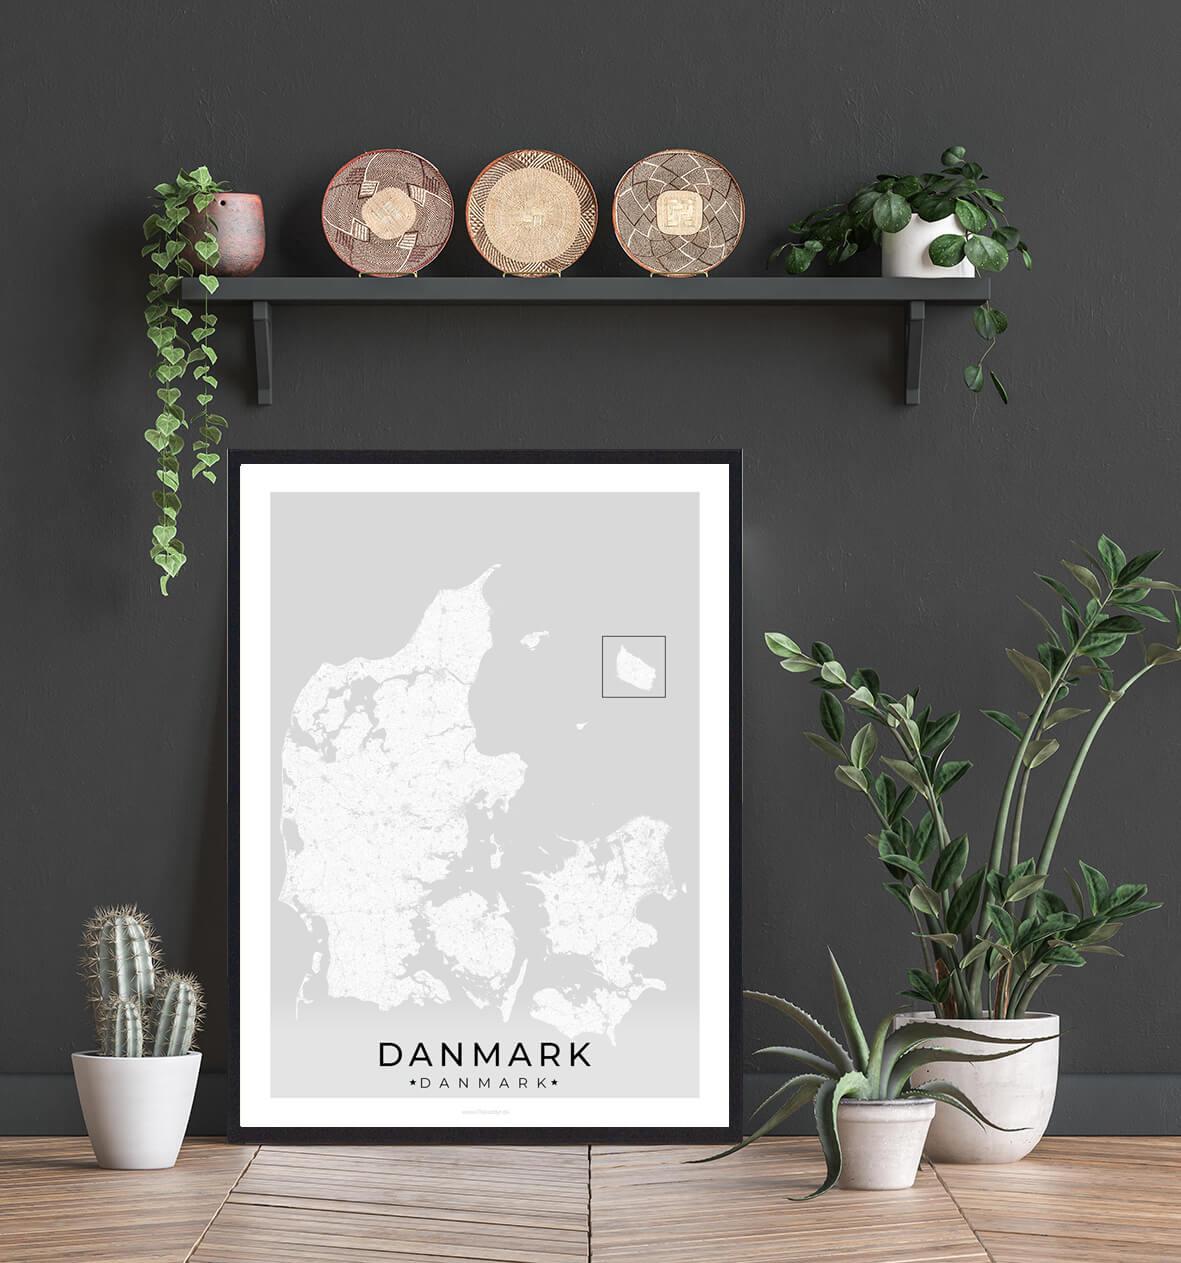 Danmarks-plakat-boligen-3